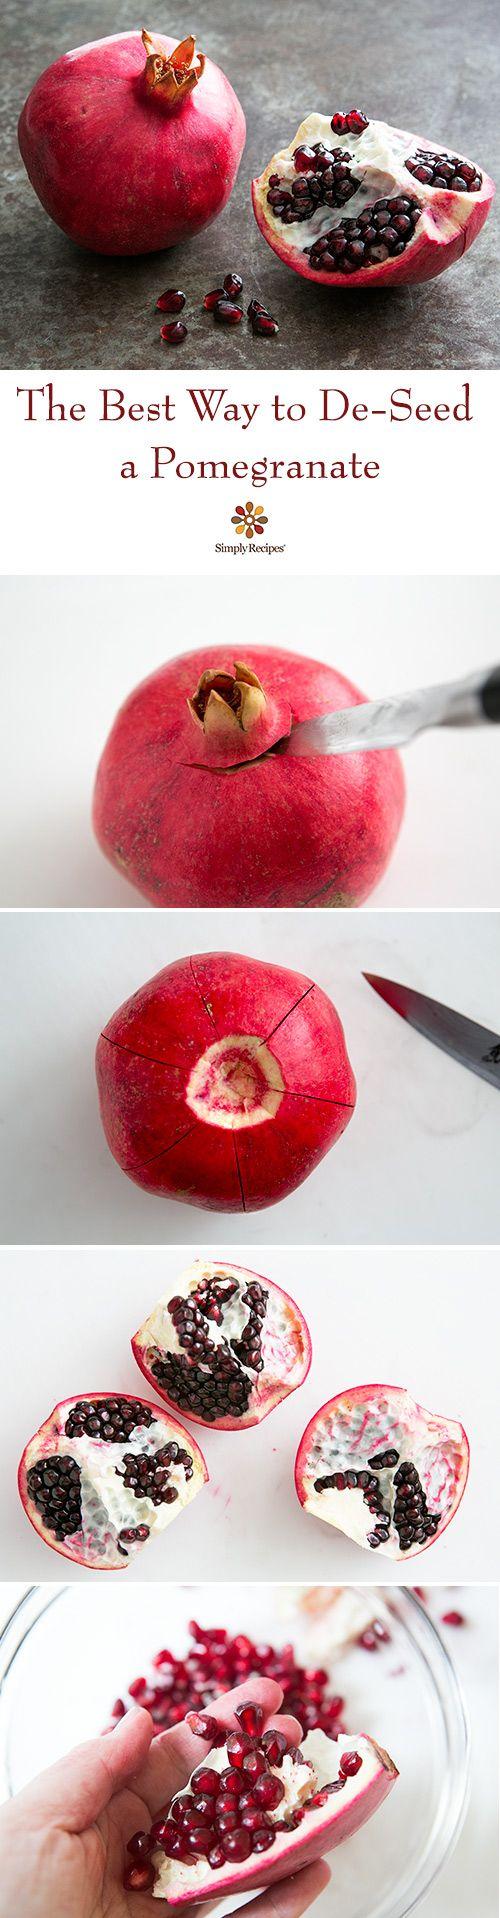 granatapfel schneiden food pinterest granatapfel gem se bilder und apfel. Black Bedroom Furniture Sets. Home Design Ideas